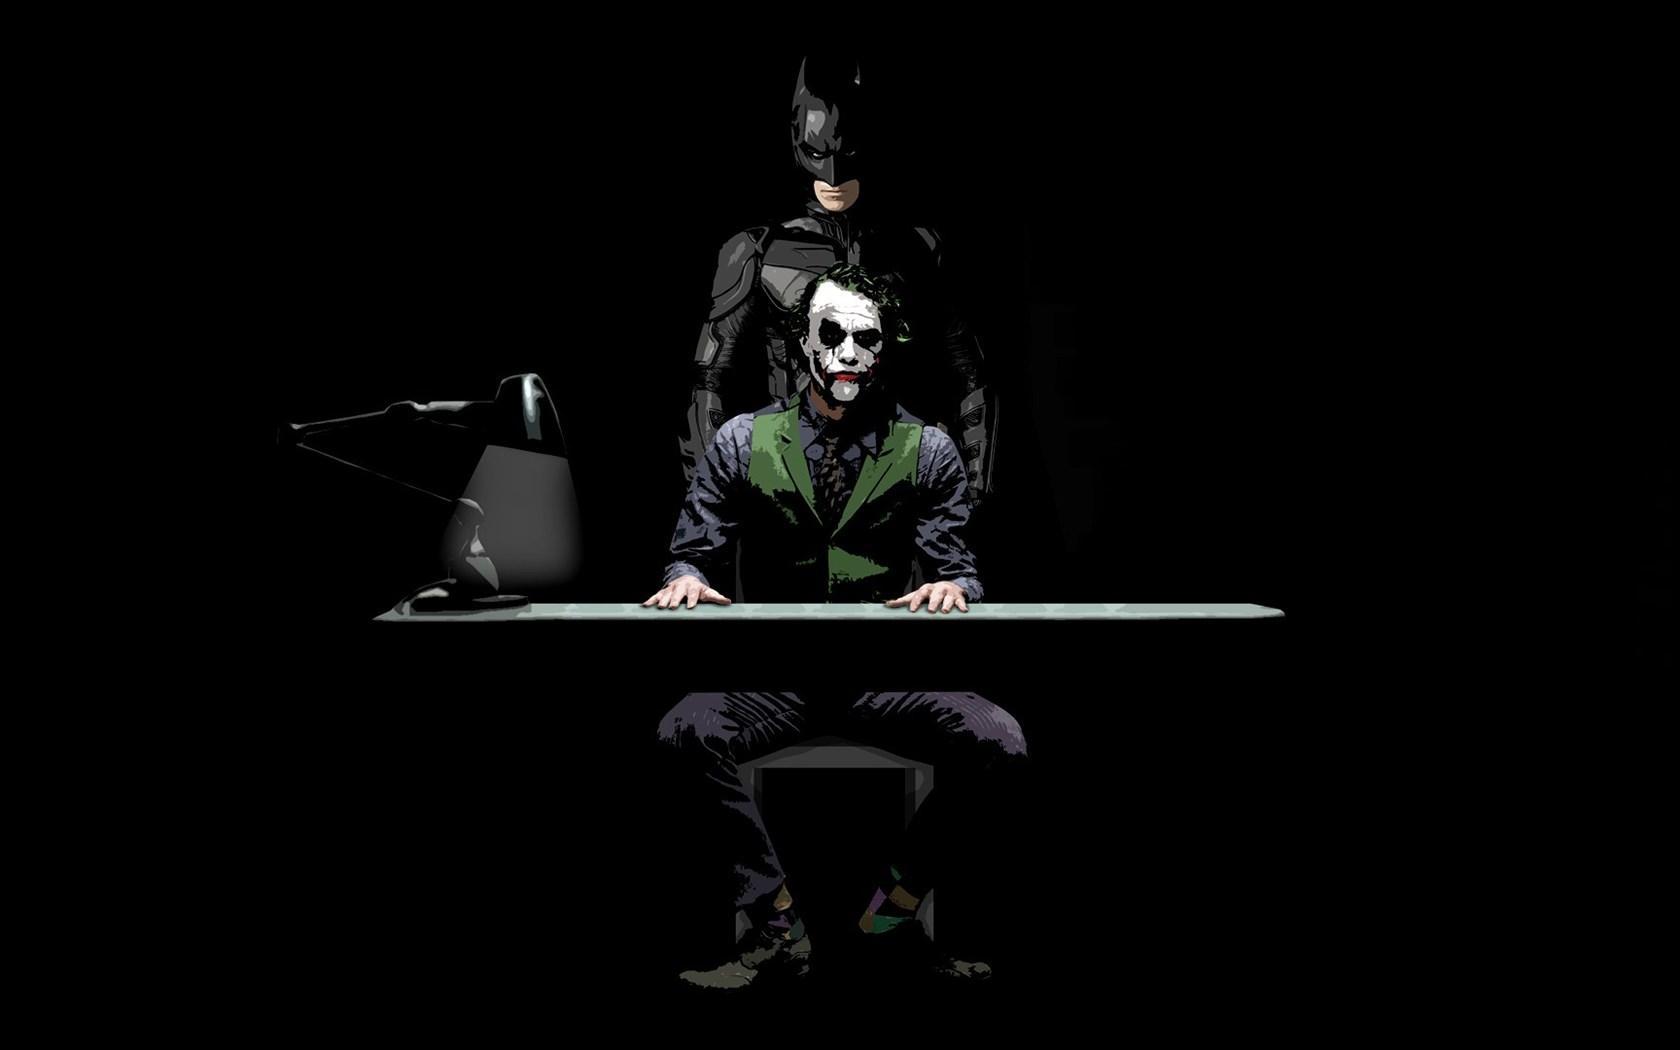 蝙蝠侠2小丑_《蝙蝠侠2·黑暗骑士》小丑全台词翻译及个人赏析 .by 何樂 - 知乎